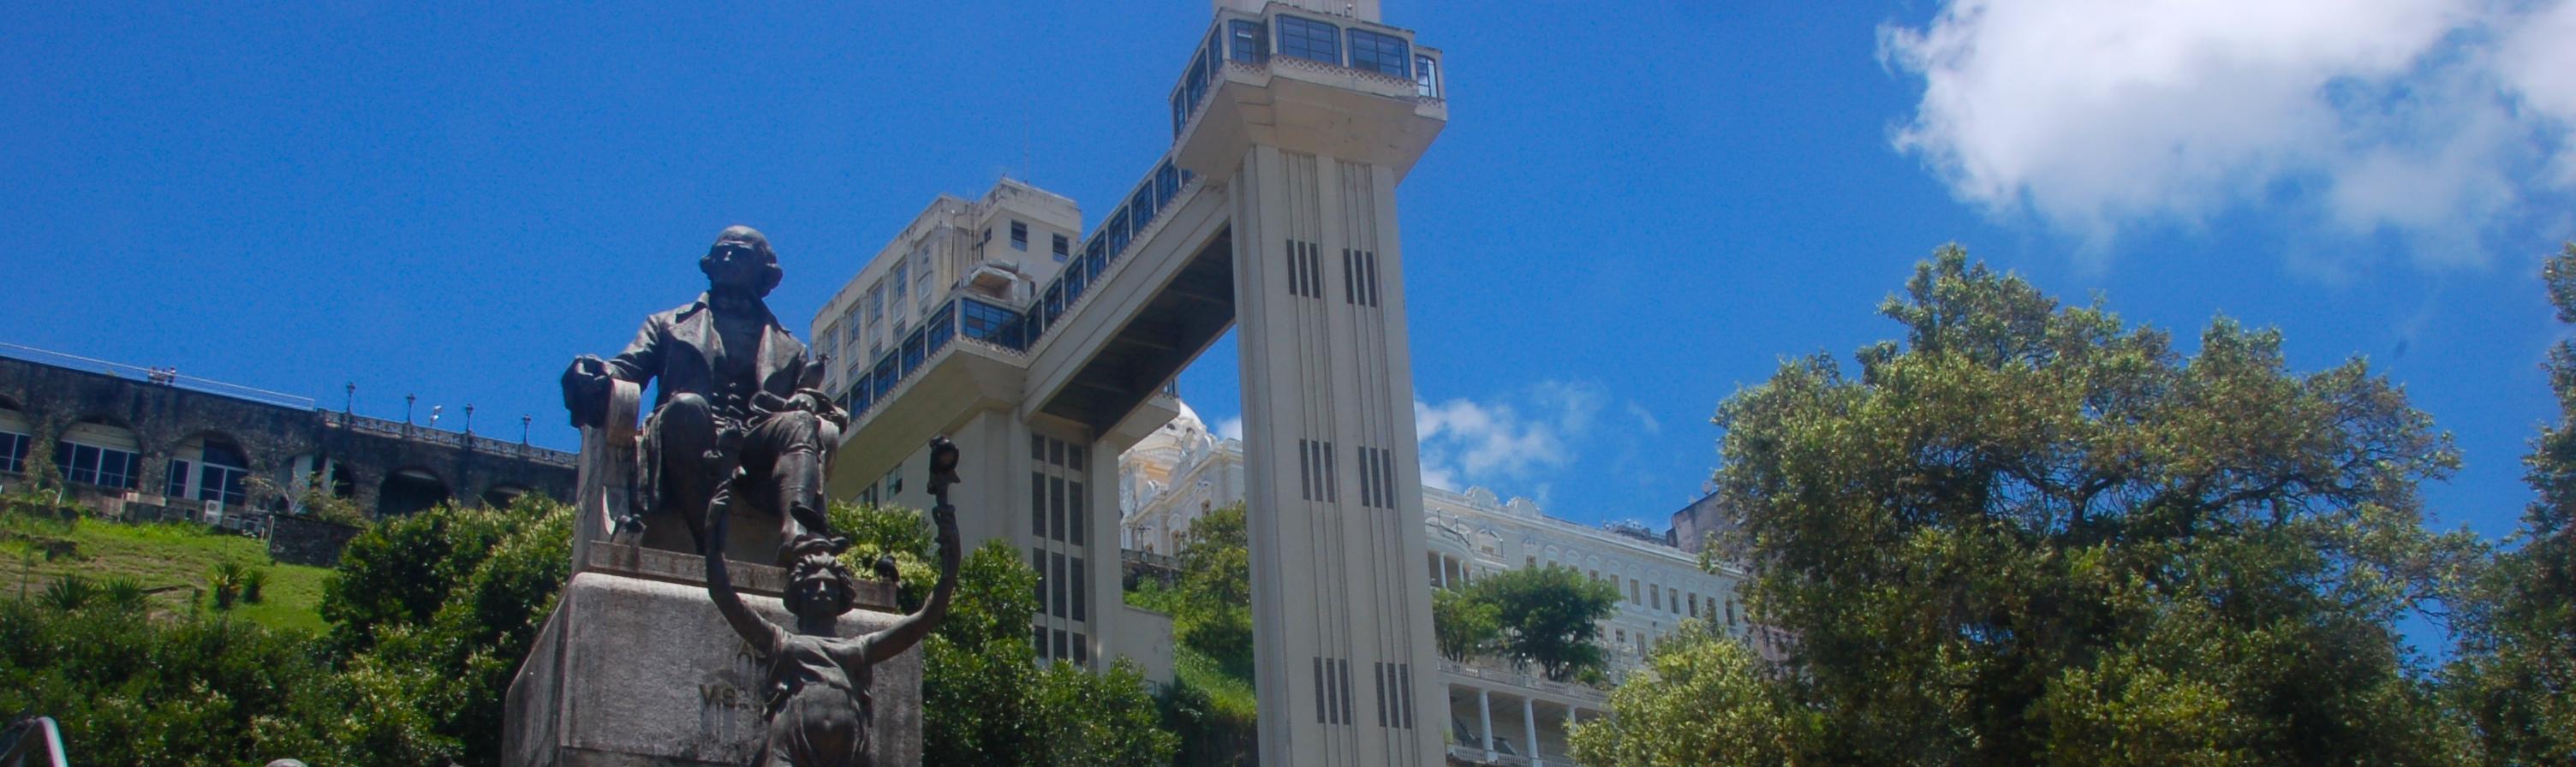 Plaza del Elevador Lacerda, Salvador de Bahía